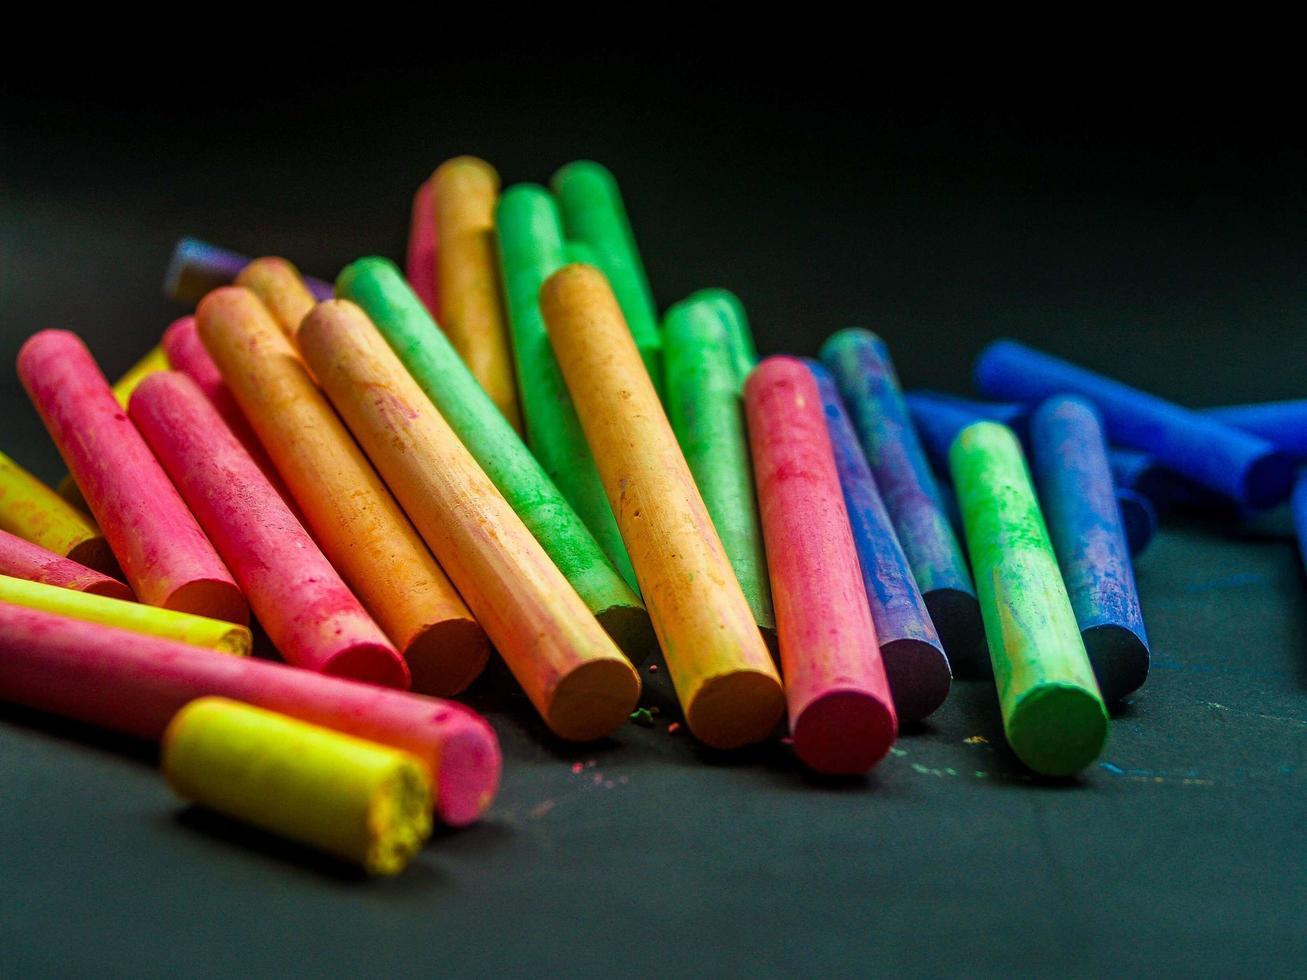 gesso colorato su sfondo scuro foto